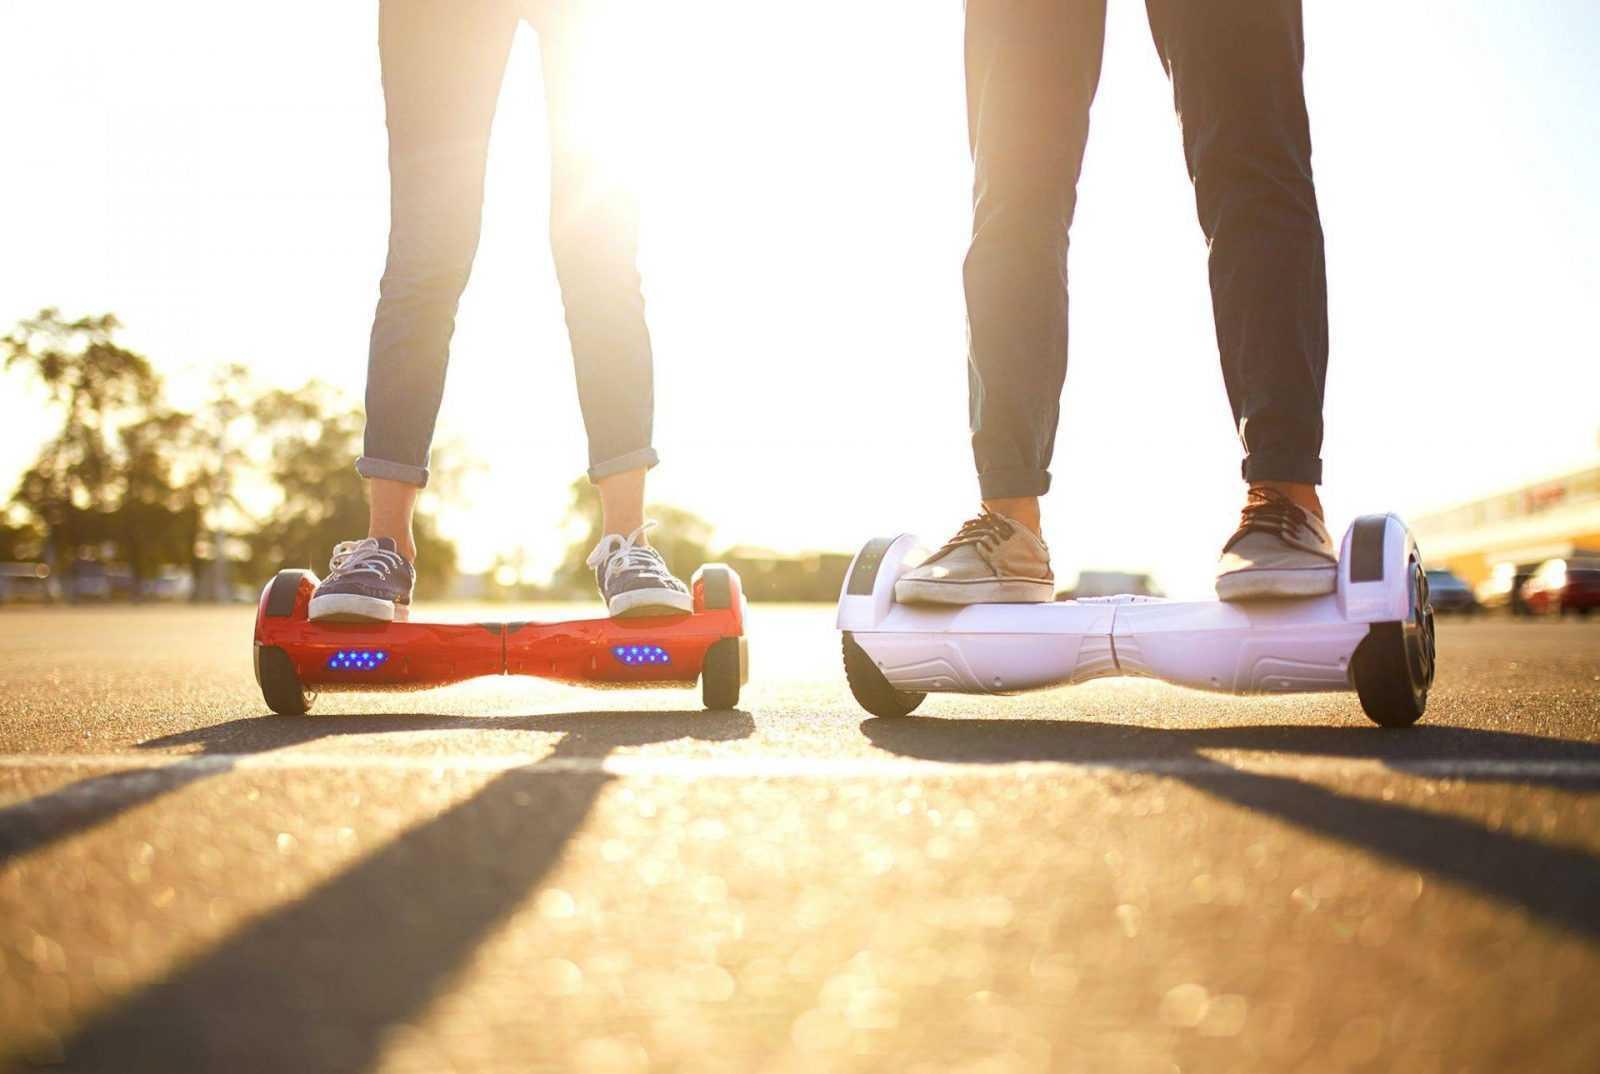 I migliori Top 10: I migliori Hoverboard - prezzo